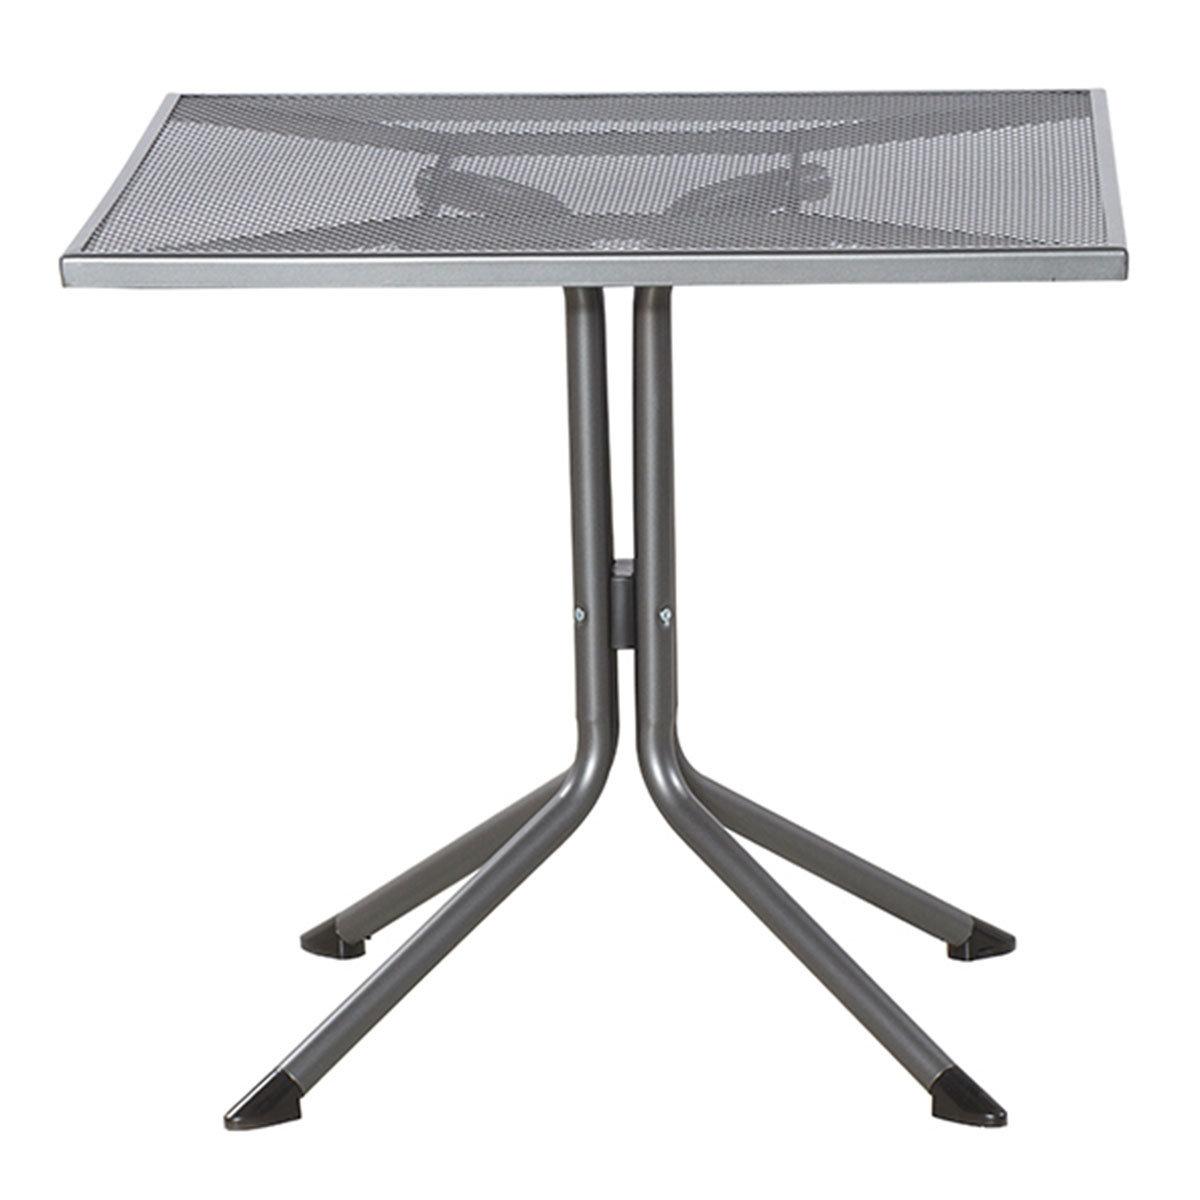 Gartenmöbel-Set Elda mit 2 Stapelsesseln und 1 Tisch(80x80), Stahlgeflecht | #2